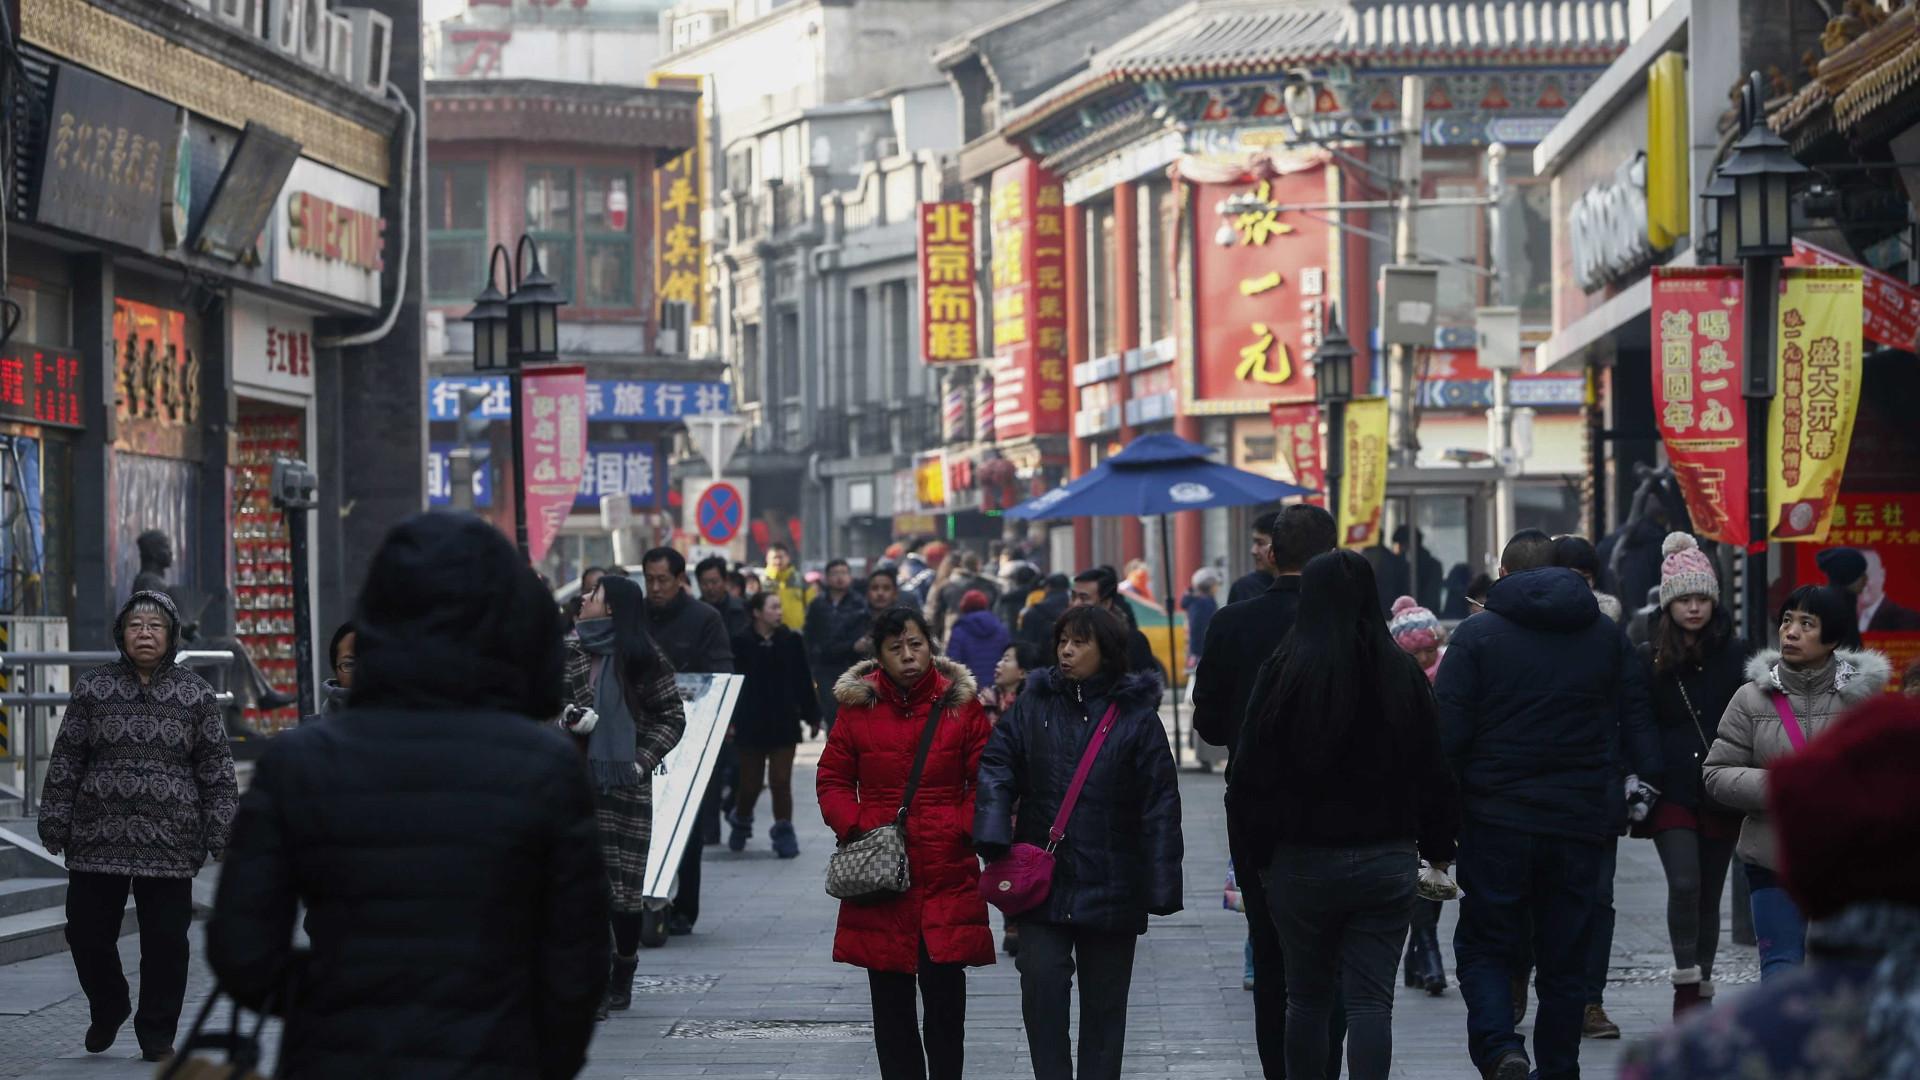 Economia da China cresceu 6,7% no terceiro trimestre do ano